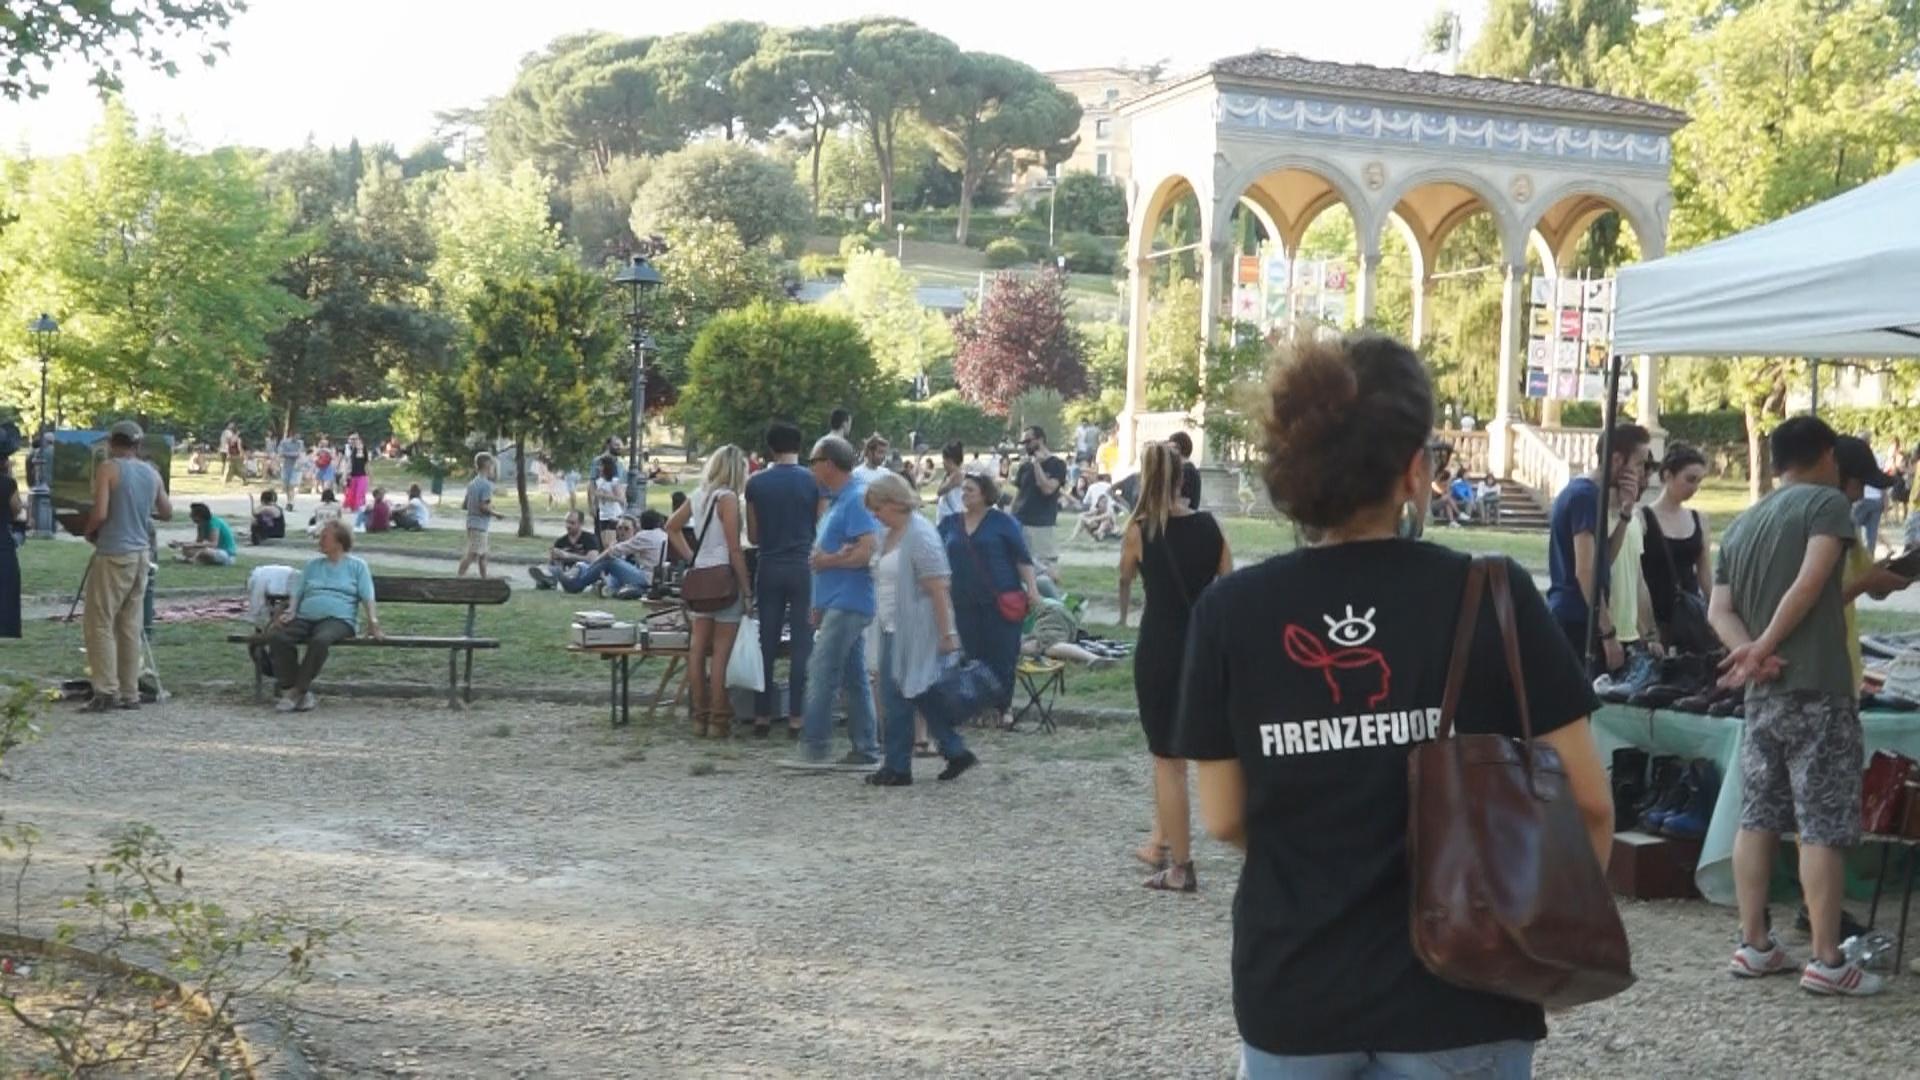 Firenze fuori al giardino dell 39 artecultura eventi estate 2014 - Giardino dell orticoltura firenze ...